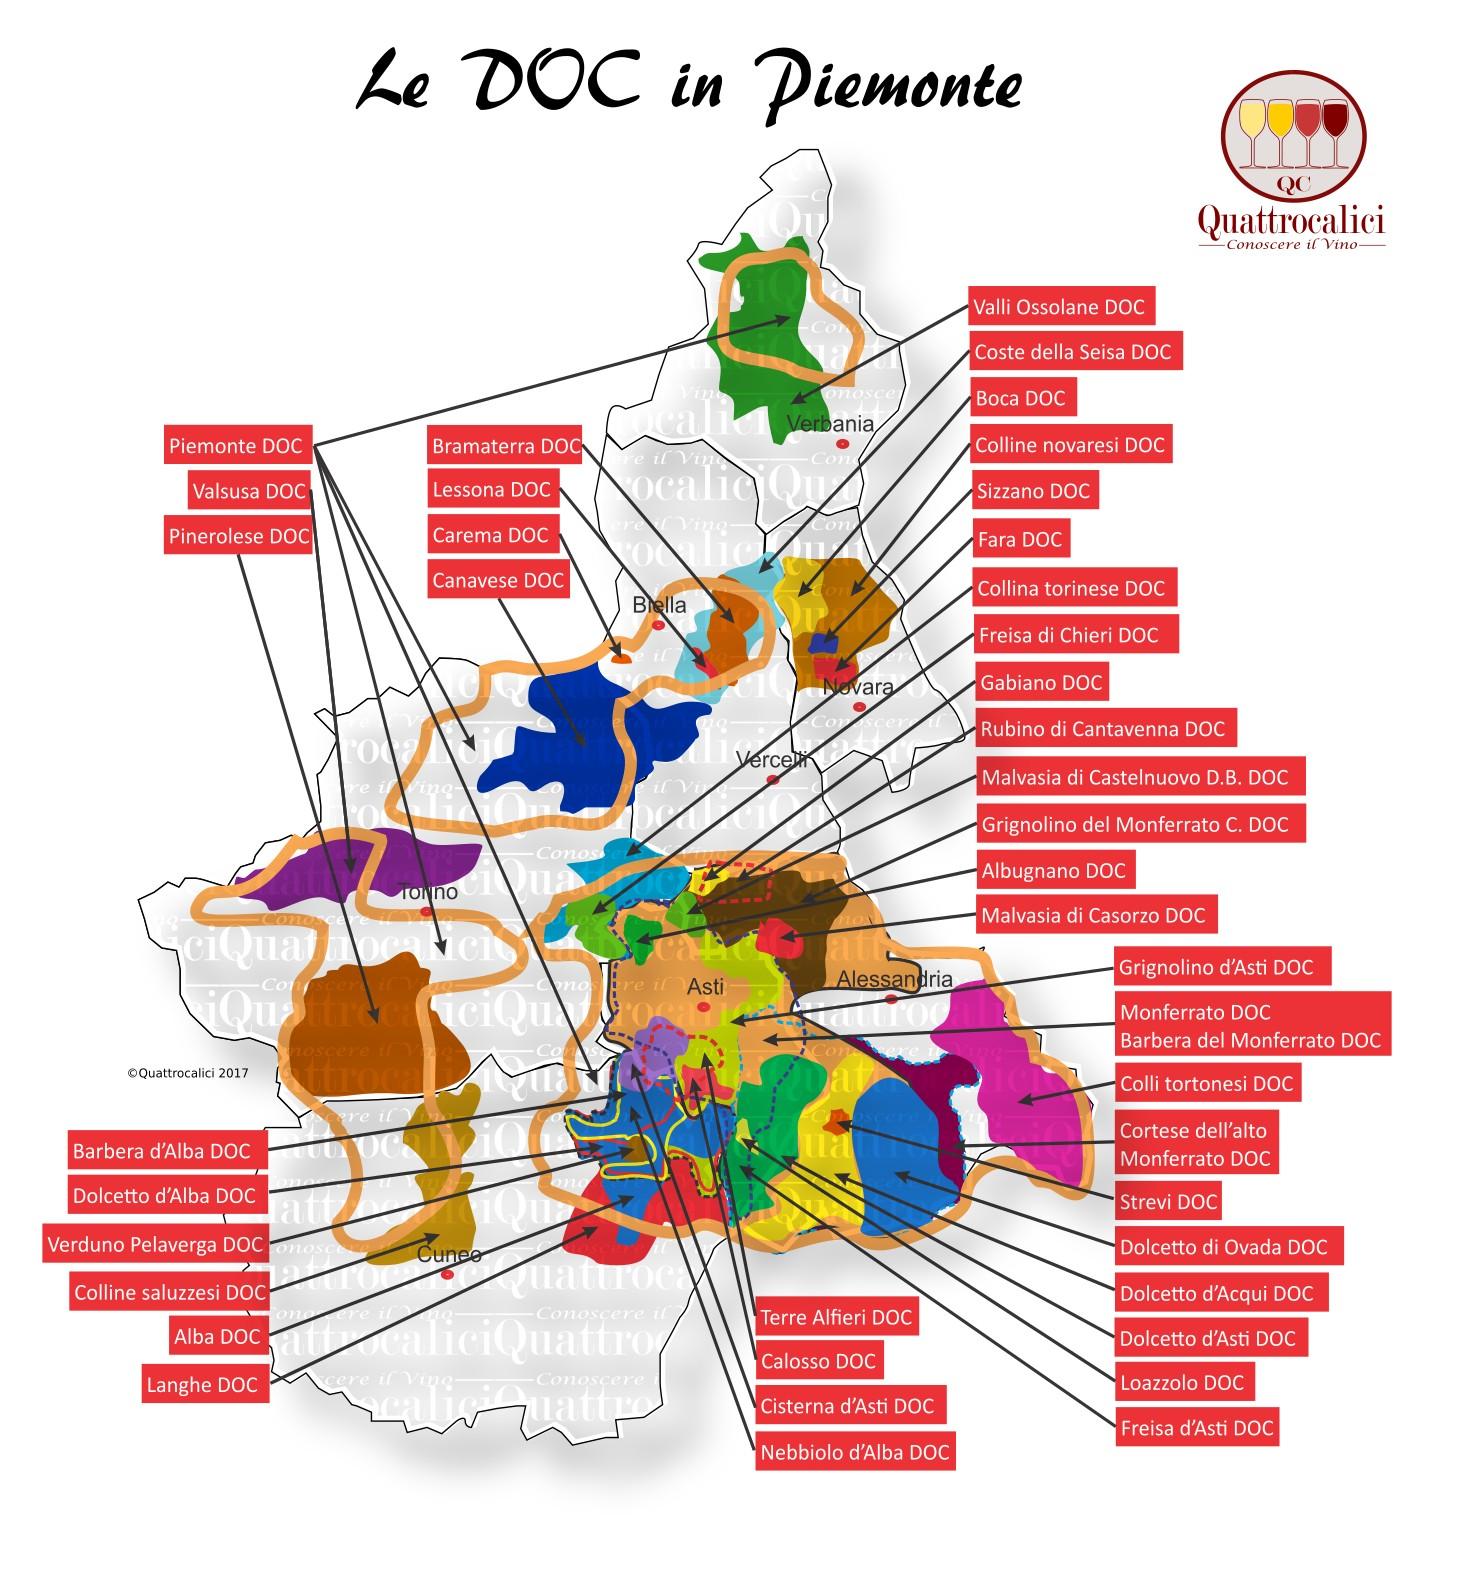 Mappa Denominzioni DOC Piemonte